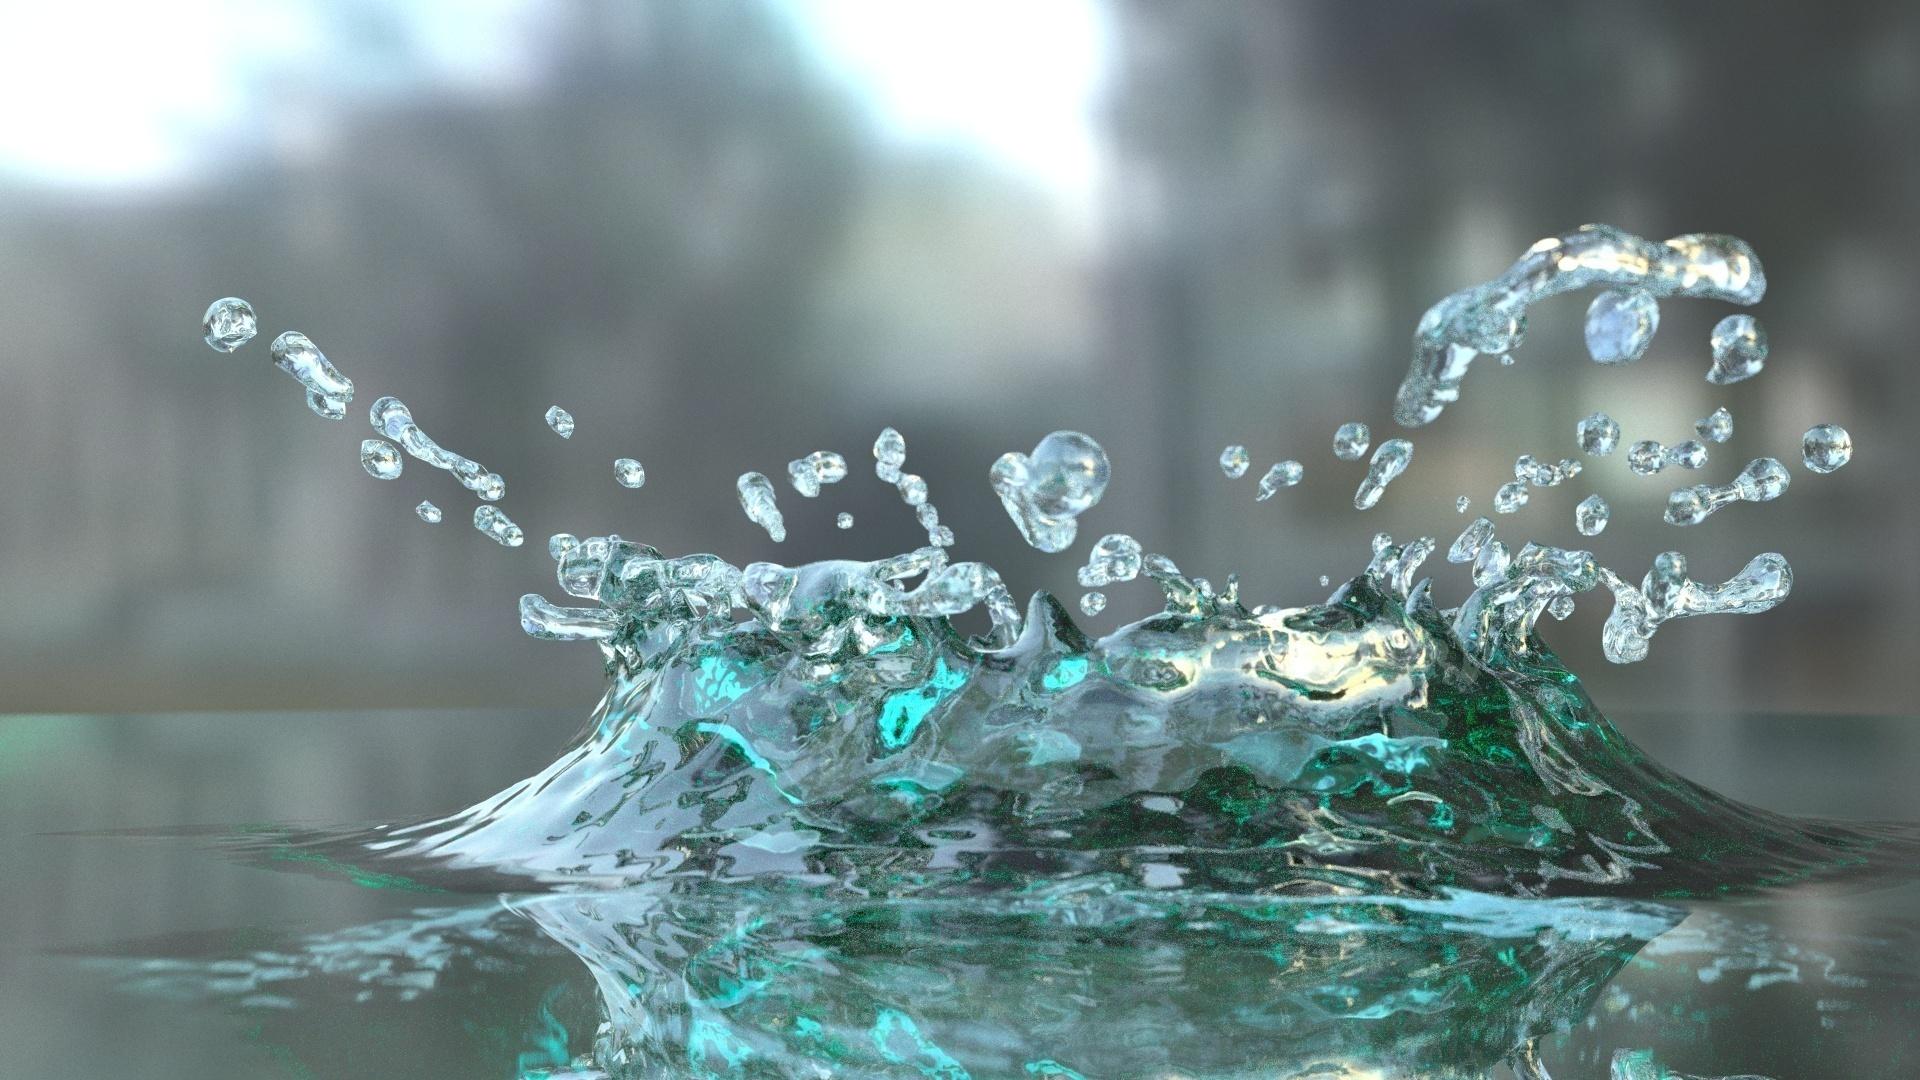 брызги вода море камень  № 2149715 бесплатно